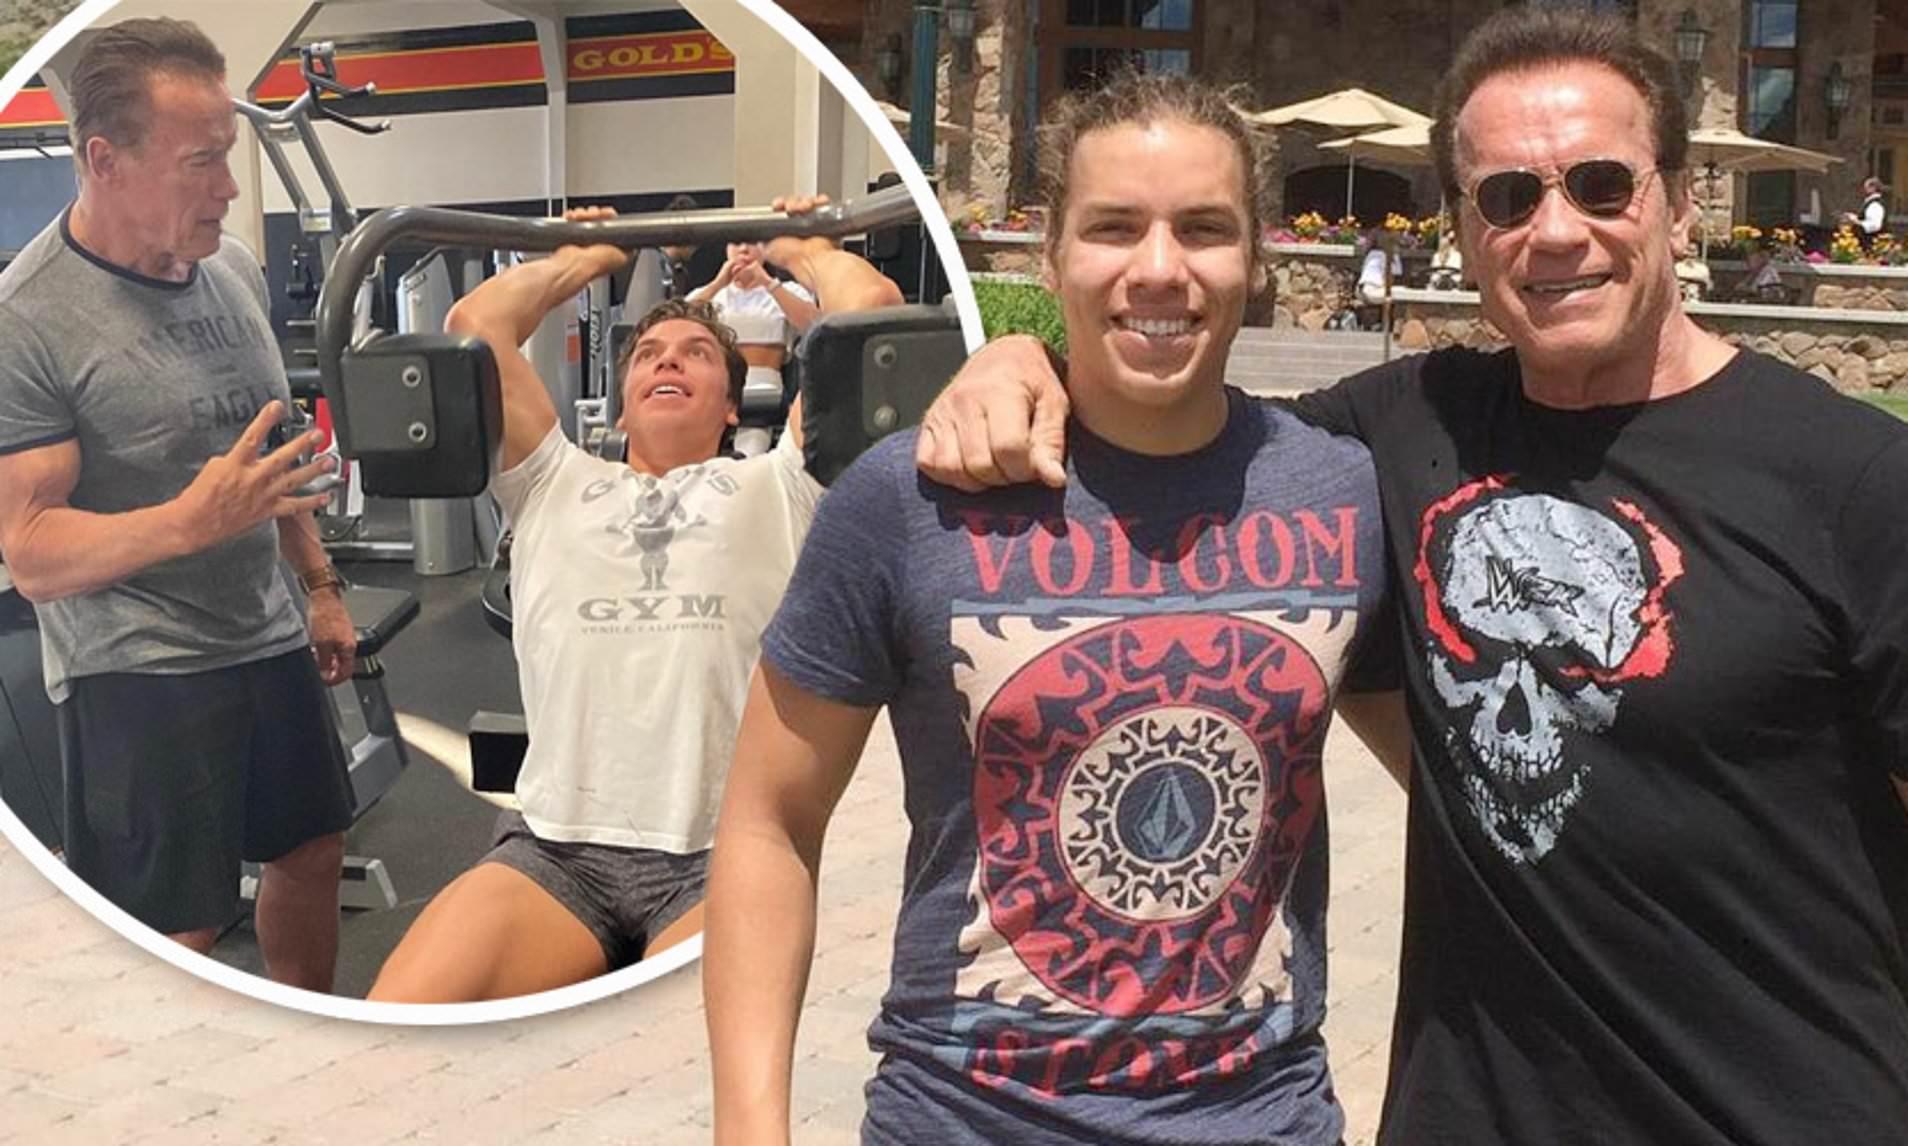 Arnold Schwarzenegger Family (Christopher Schwarzenegger Net worth)